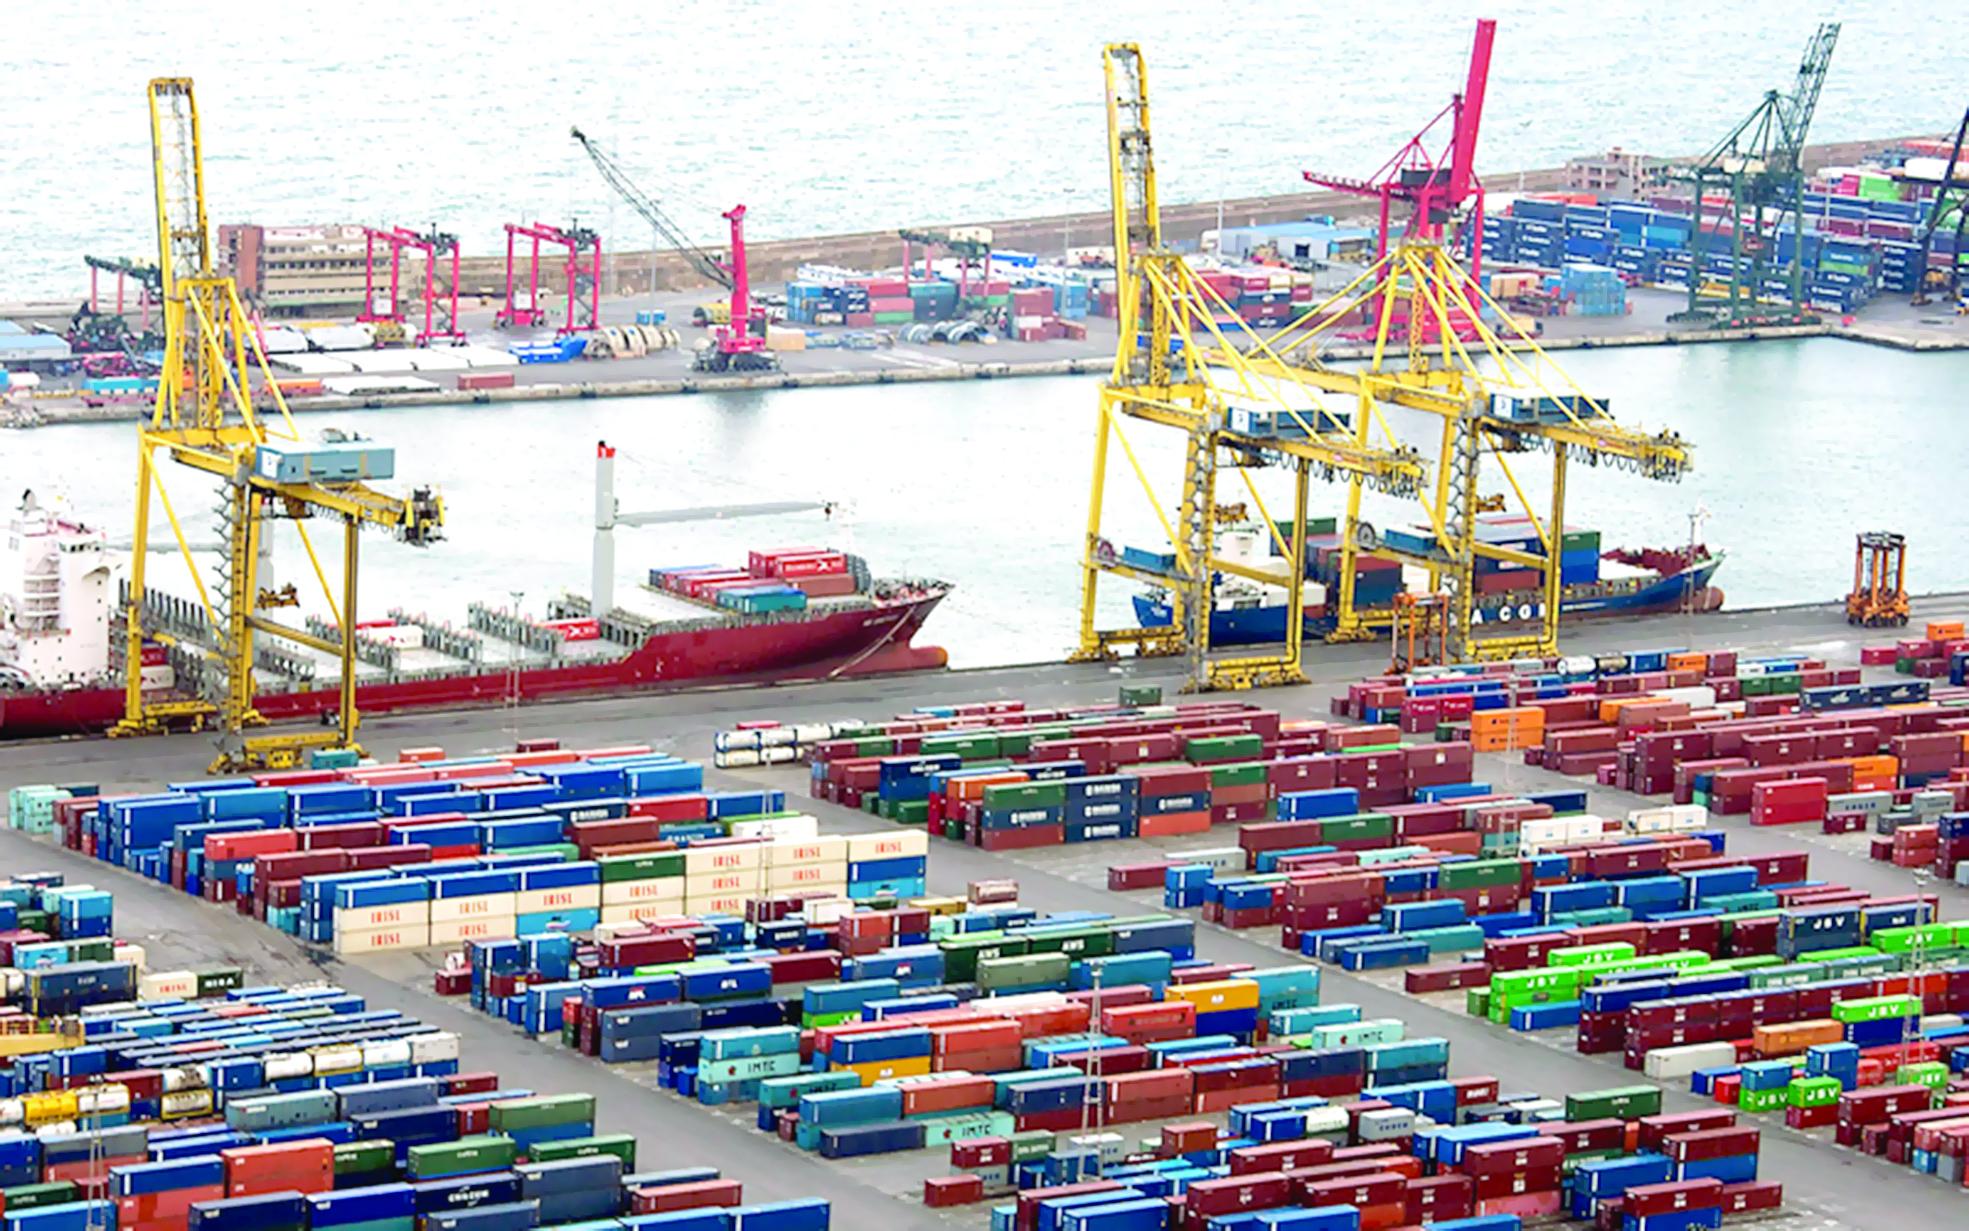 842.2 مليون ريال عماني فائض الميزان التجاري للسلطنة بنهاية يوليو الفائت